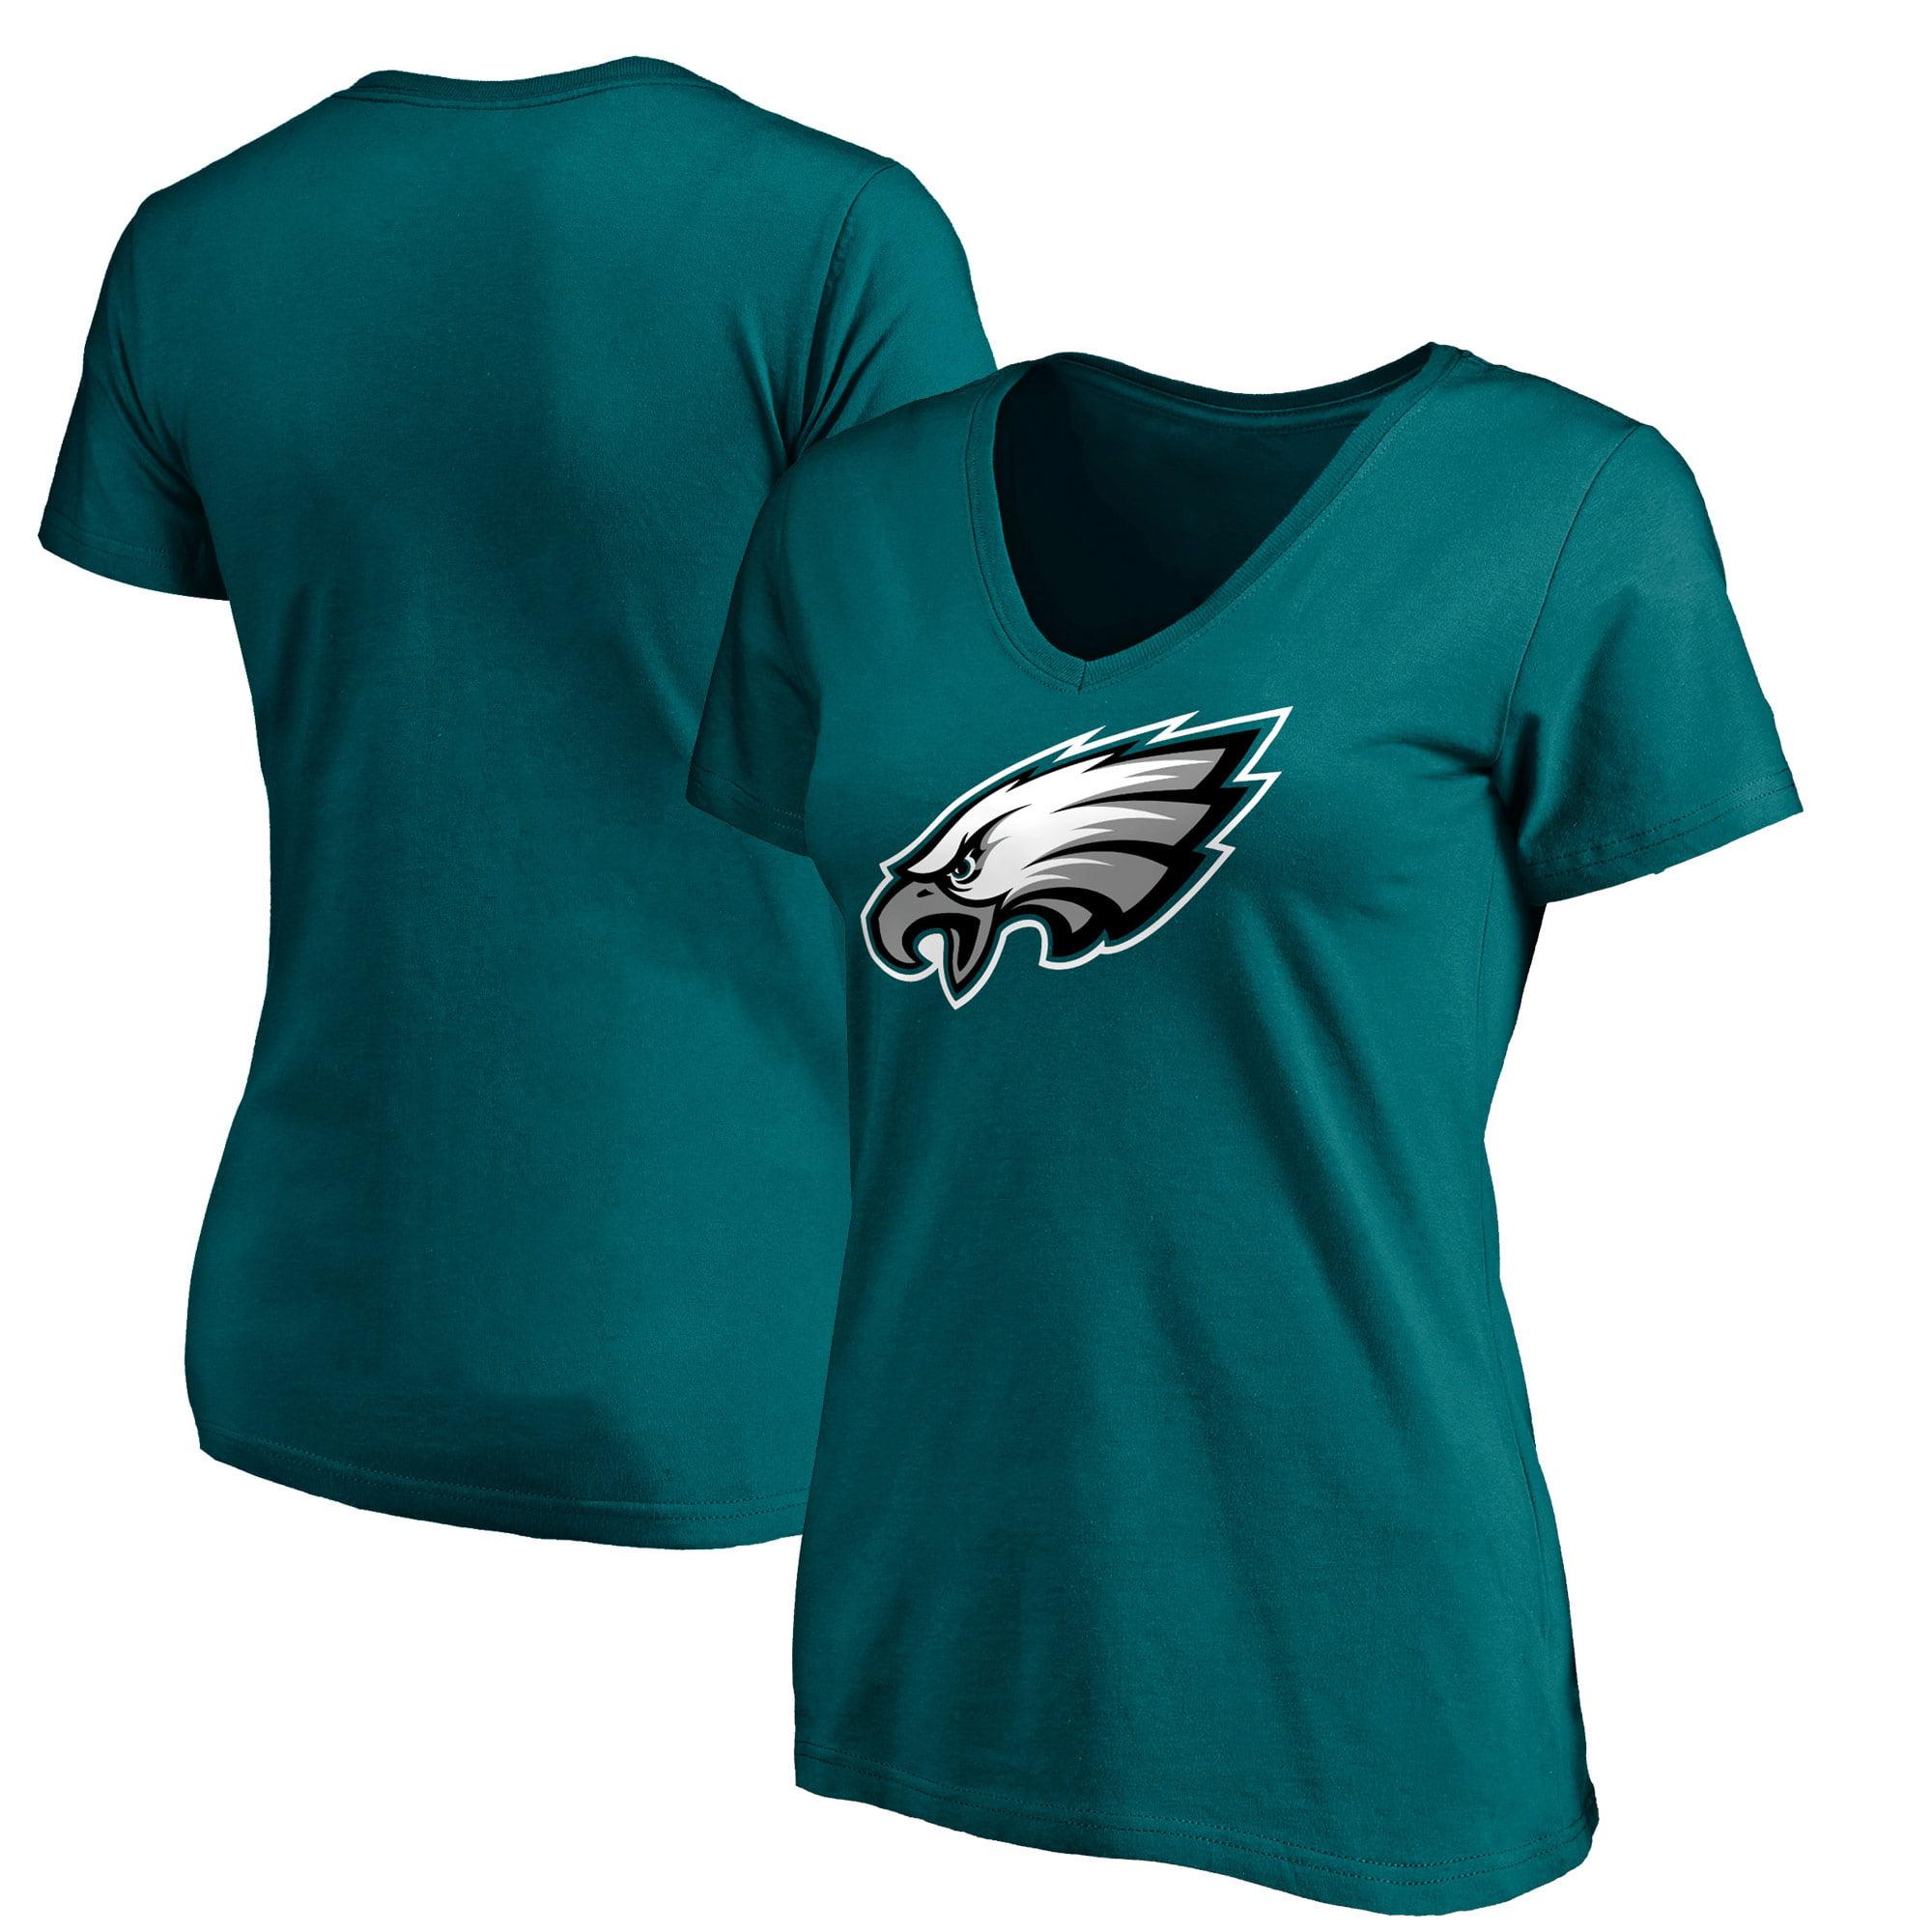 Philadelphia Eagles NFL Pro Line Women's Primary Logo V-Neck T-Shirt - Midnight Green